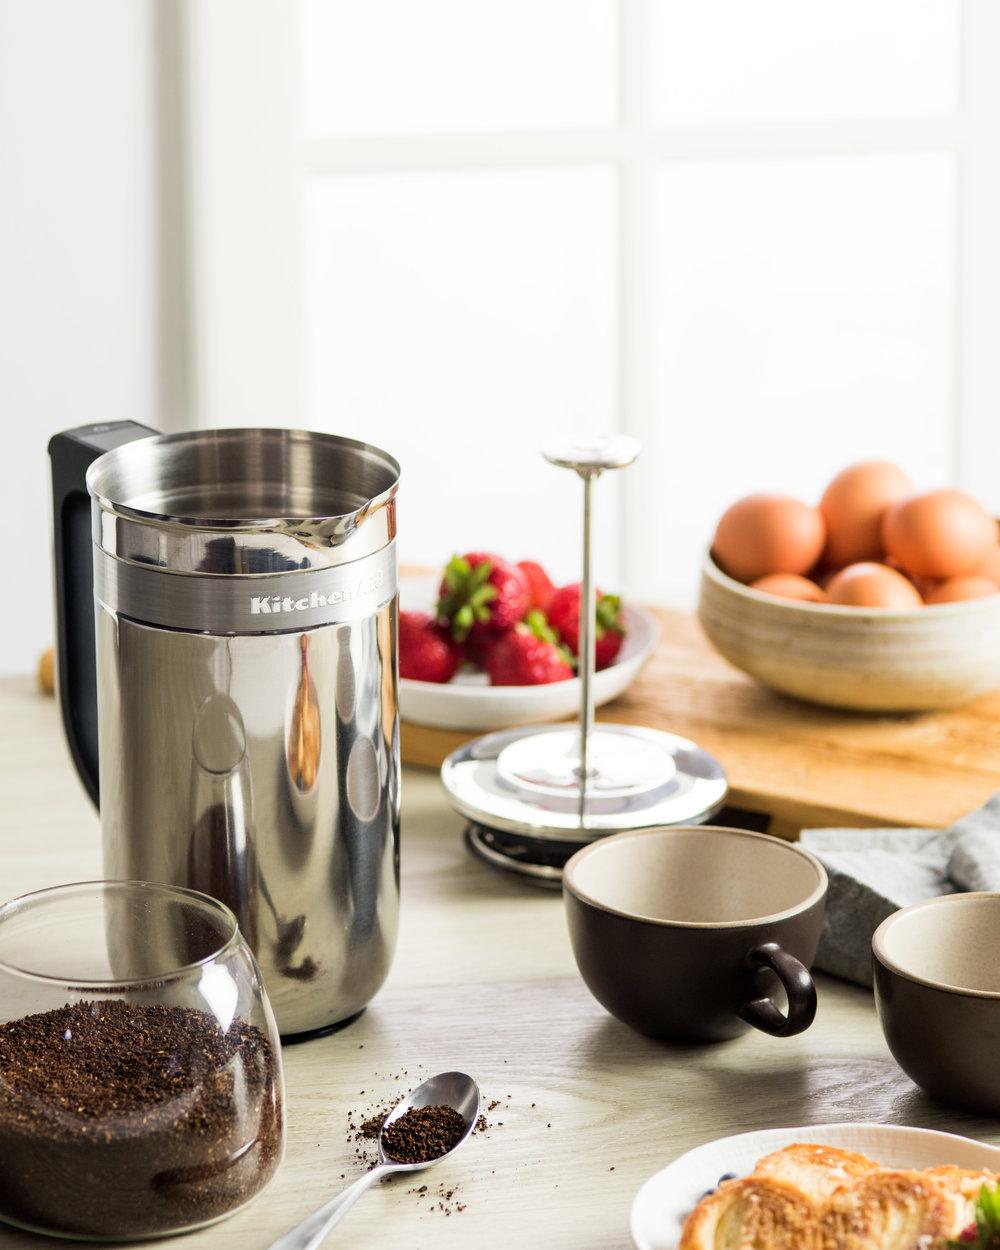 The KitchenAid Precision Press Coffee Maker